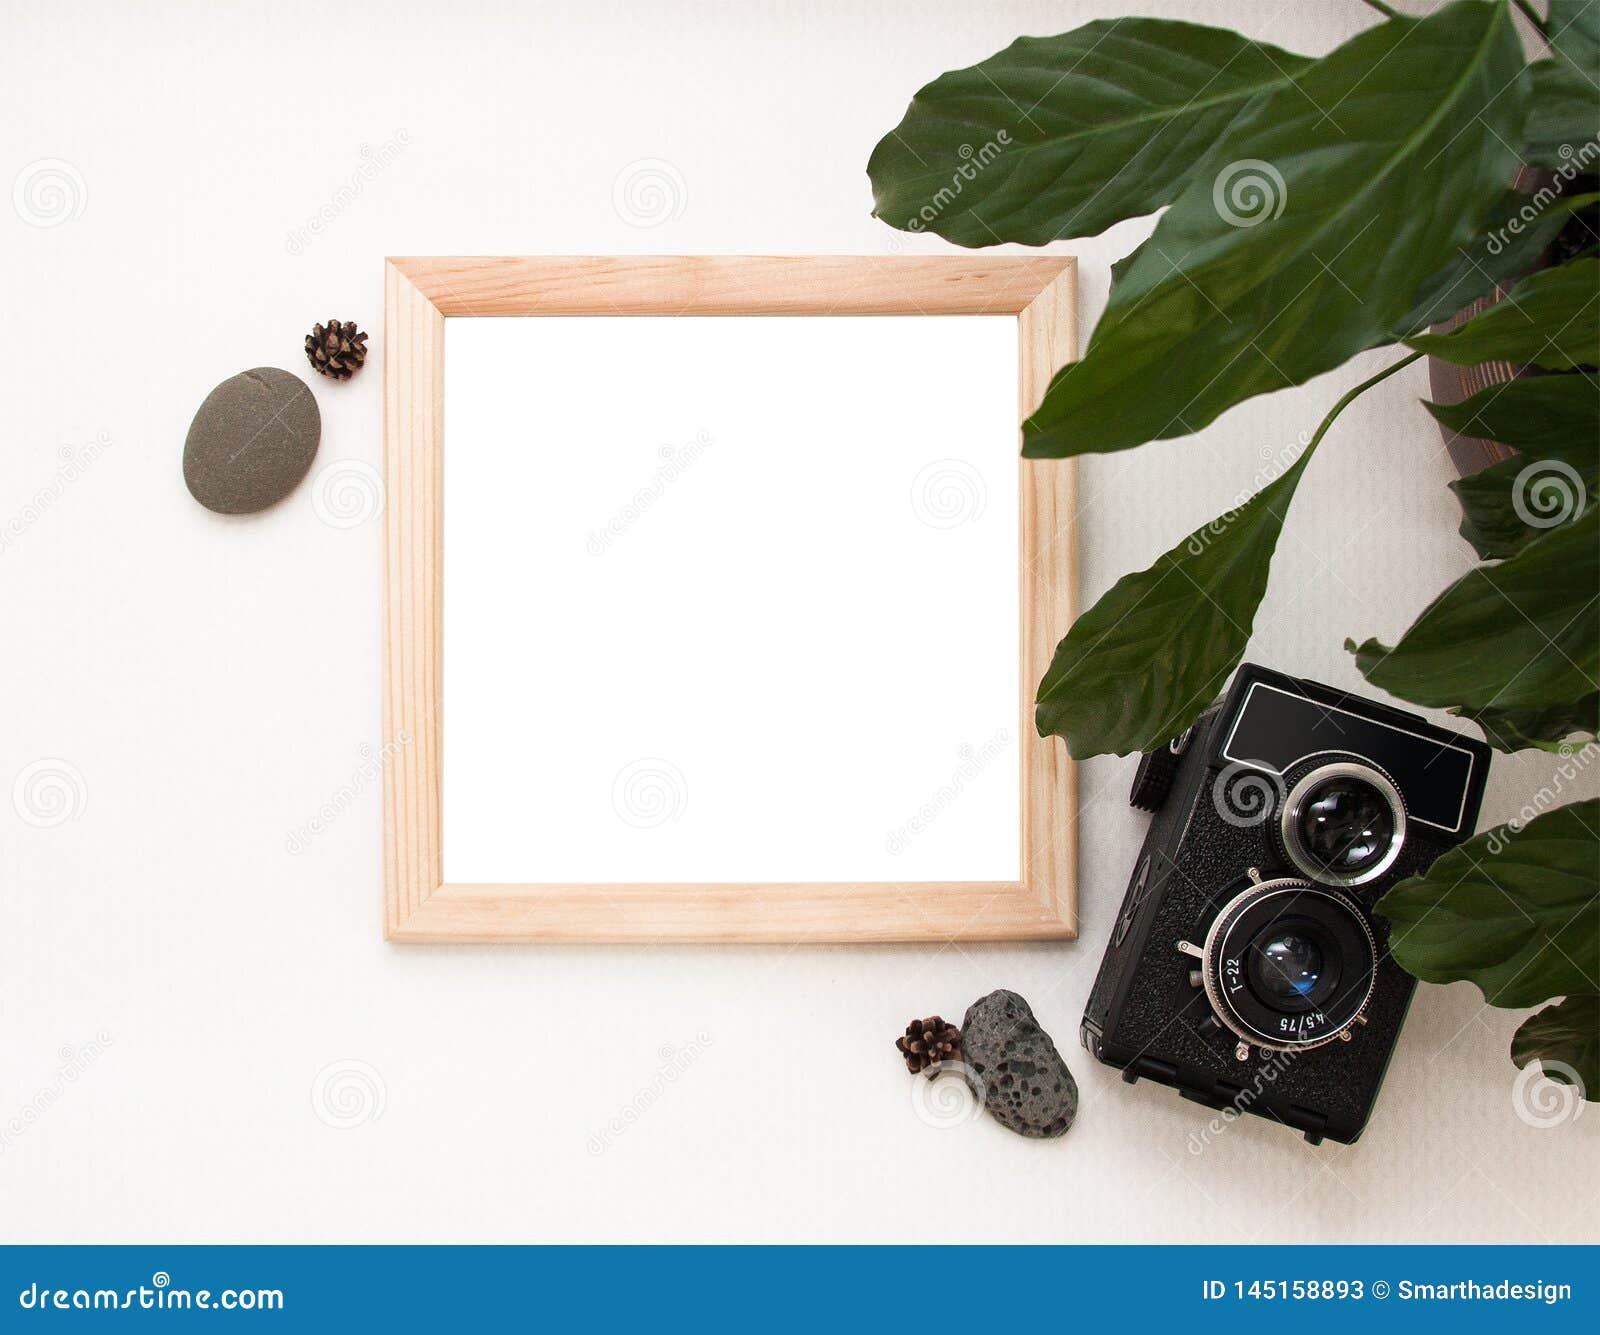 Flacher gelegter Spott oben, Draufsicht, Holzrahmen, alte Kamera, Anlage und Steine Innenplan, quadratisches Plakatmodell, hölze